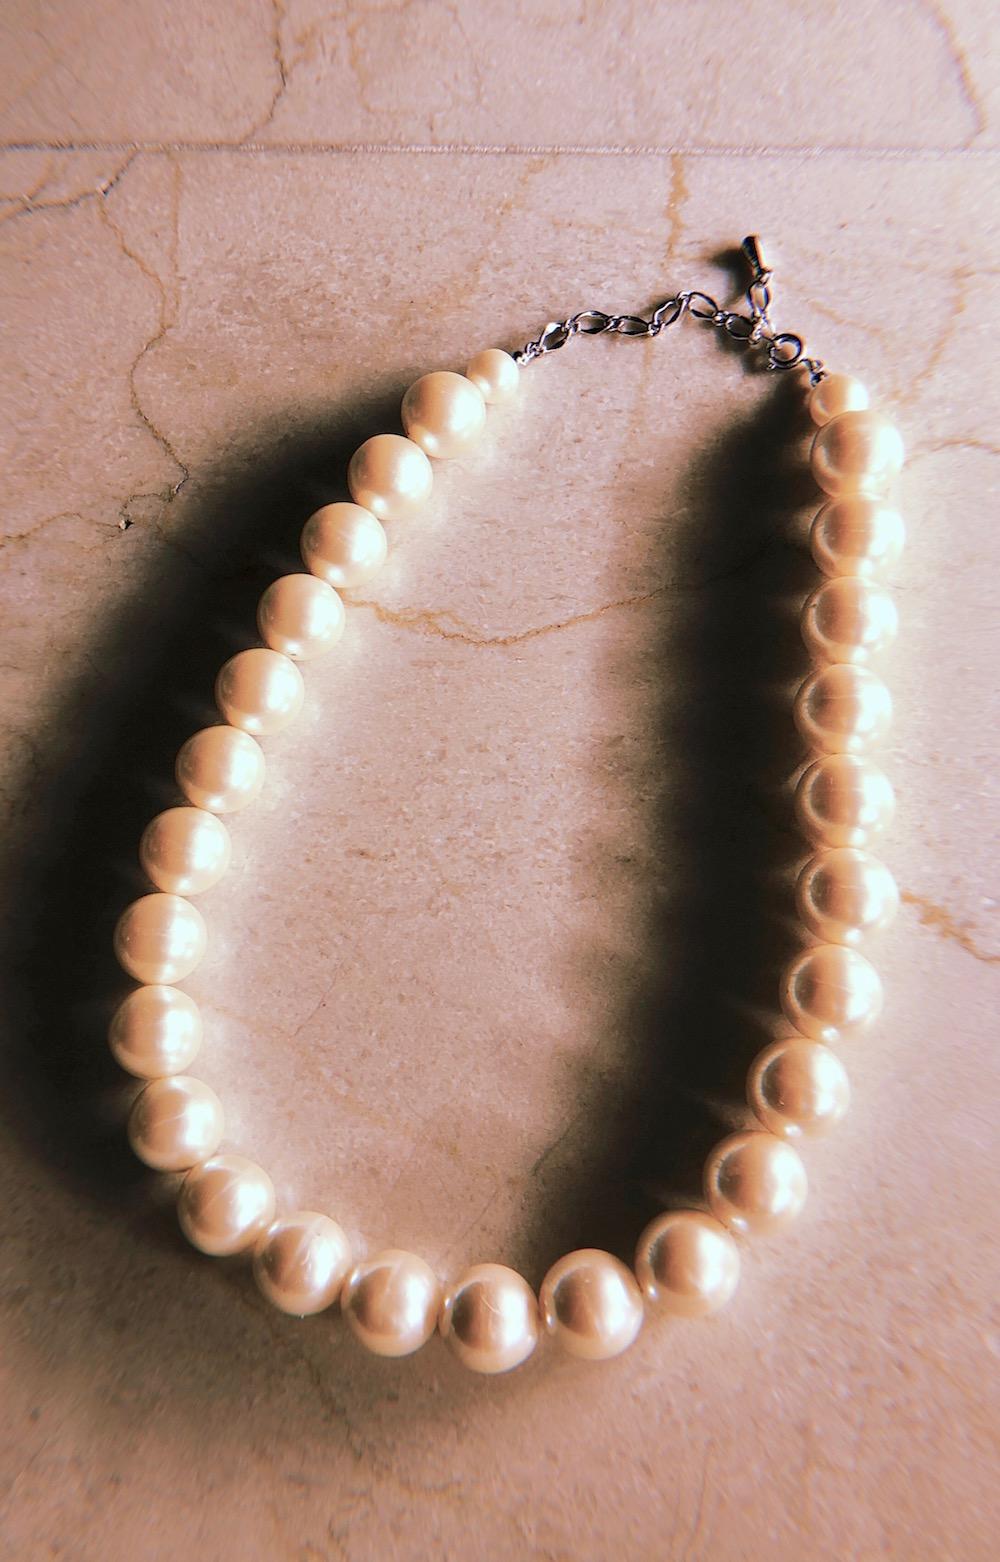 Big Pearl Necklace